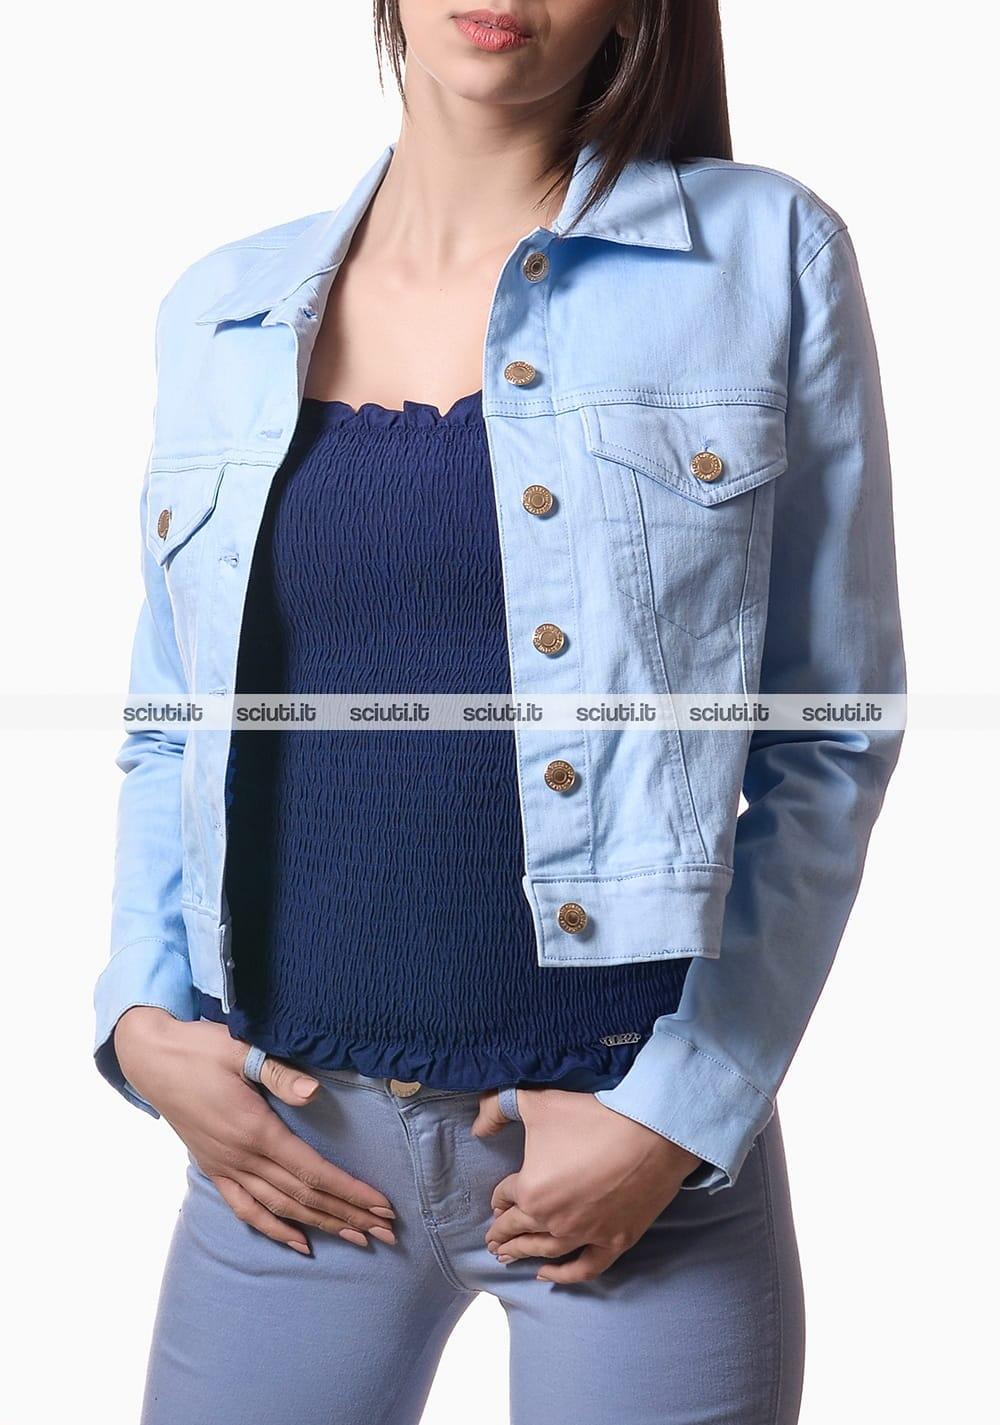 quality design 169c2 454bd Giubbotto di jeans Guess donna con bottoni azzurro | Sciuti.it